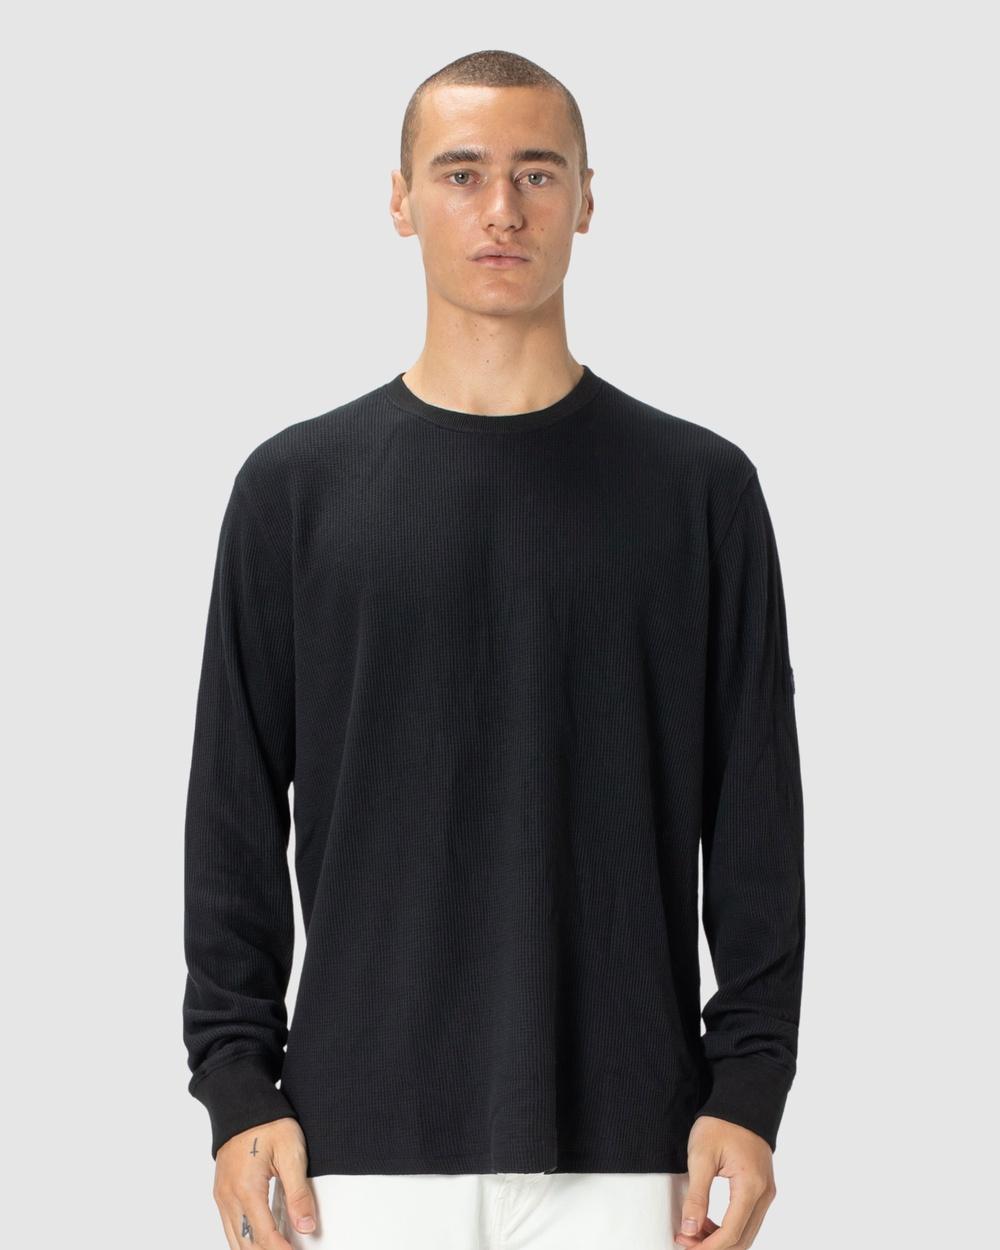 Barney Cools - Badge LS Waffle Tee - Long Sleeve T-Shirts (Black) Badge LS Waffle Tee